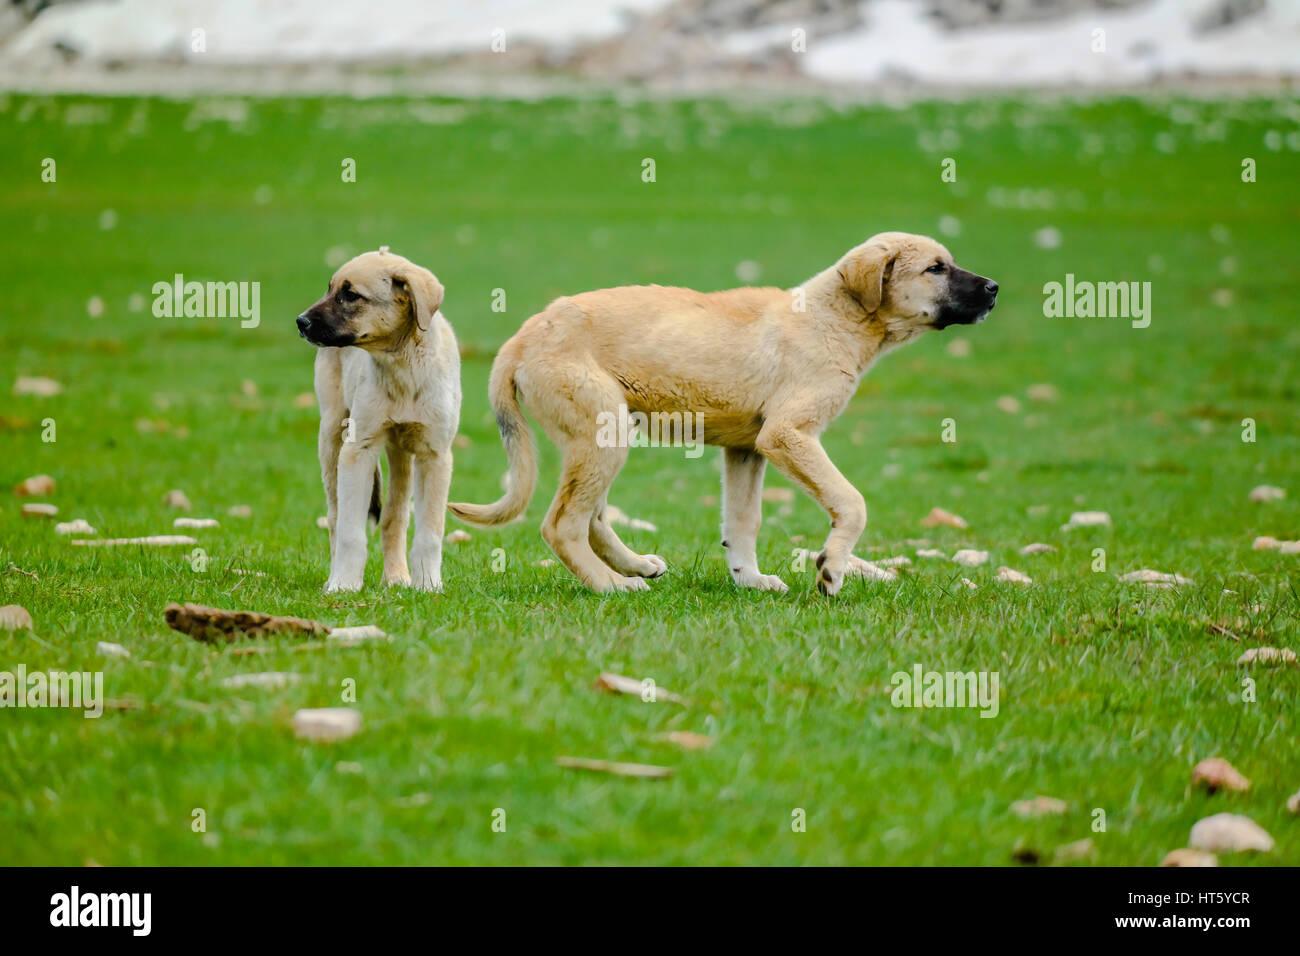 puppy kangal dogs anatolian sheperd - Stock Image